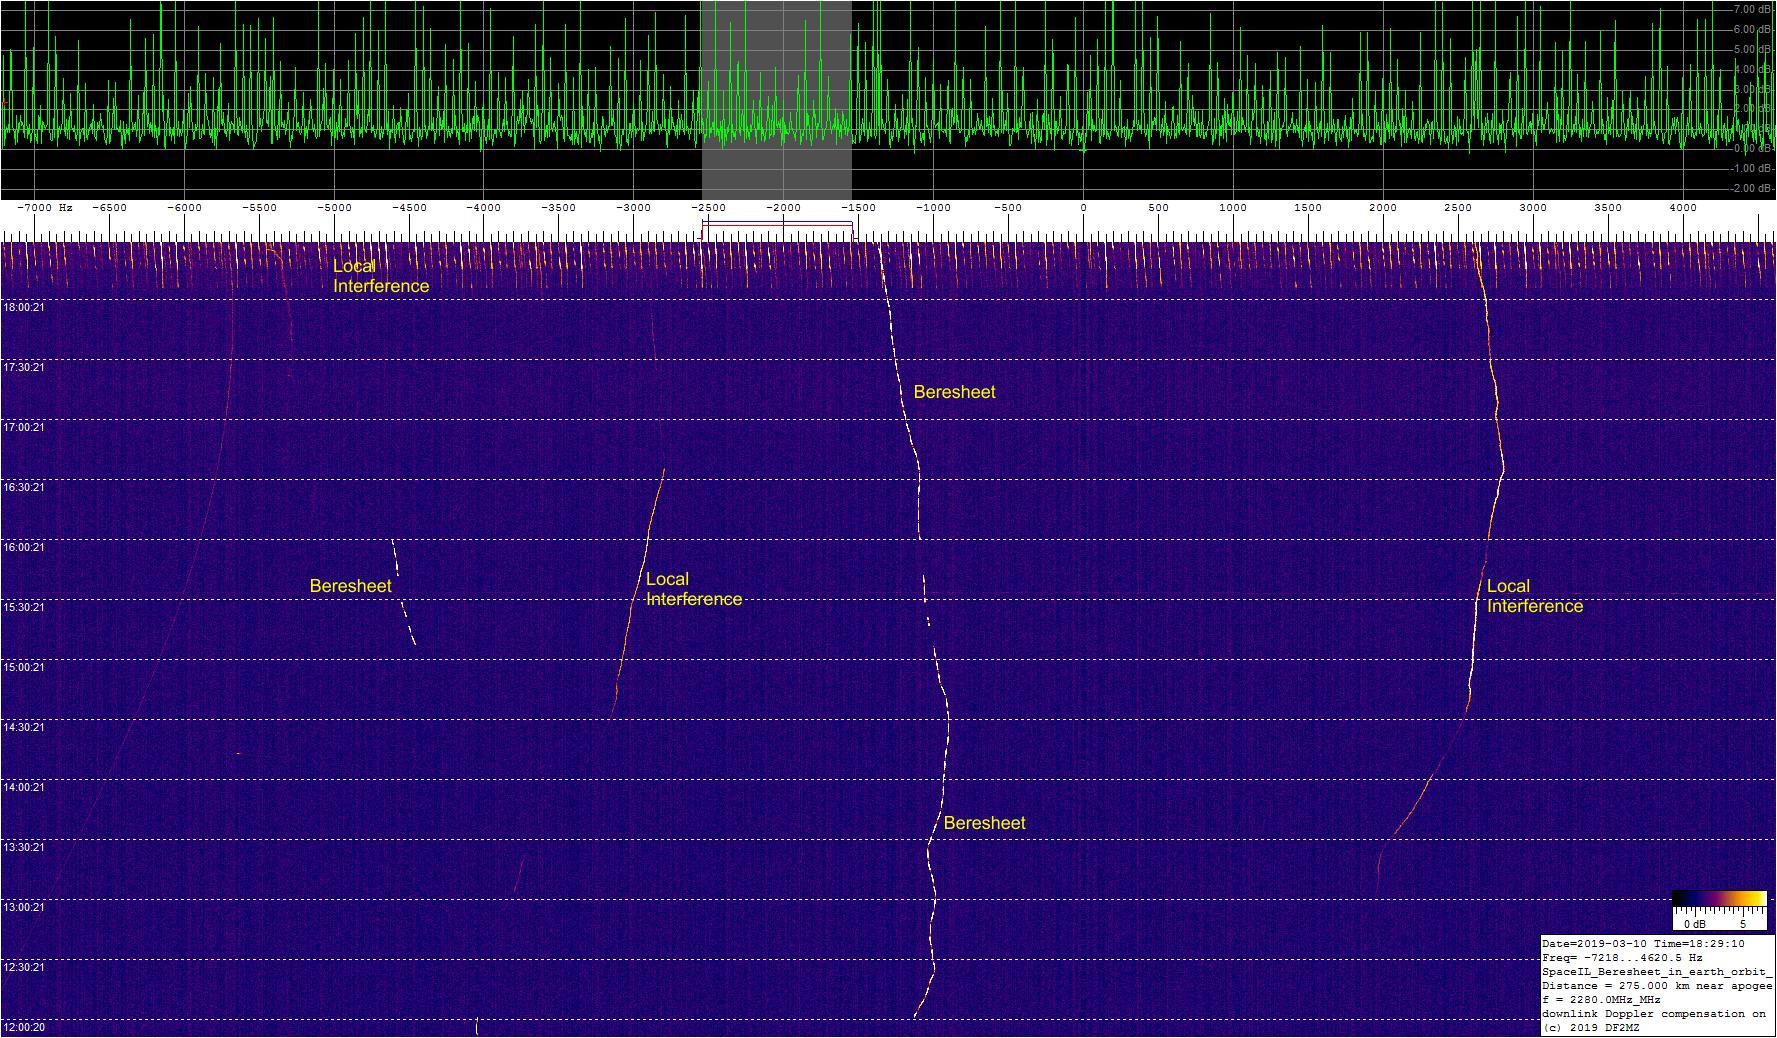 Лунная миссия «Берешит» — четвертый маневр завершен успешно, идет подготовка к выходу на Лунную орбиту - 14